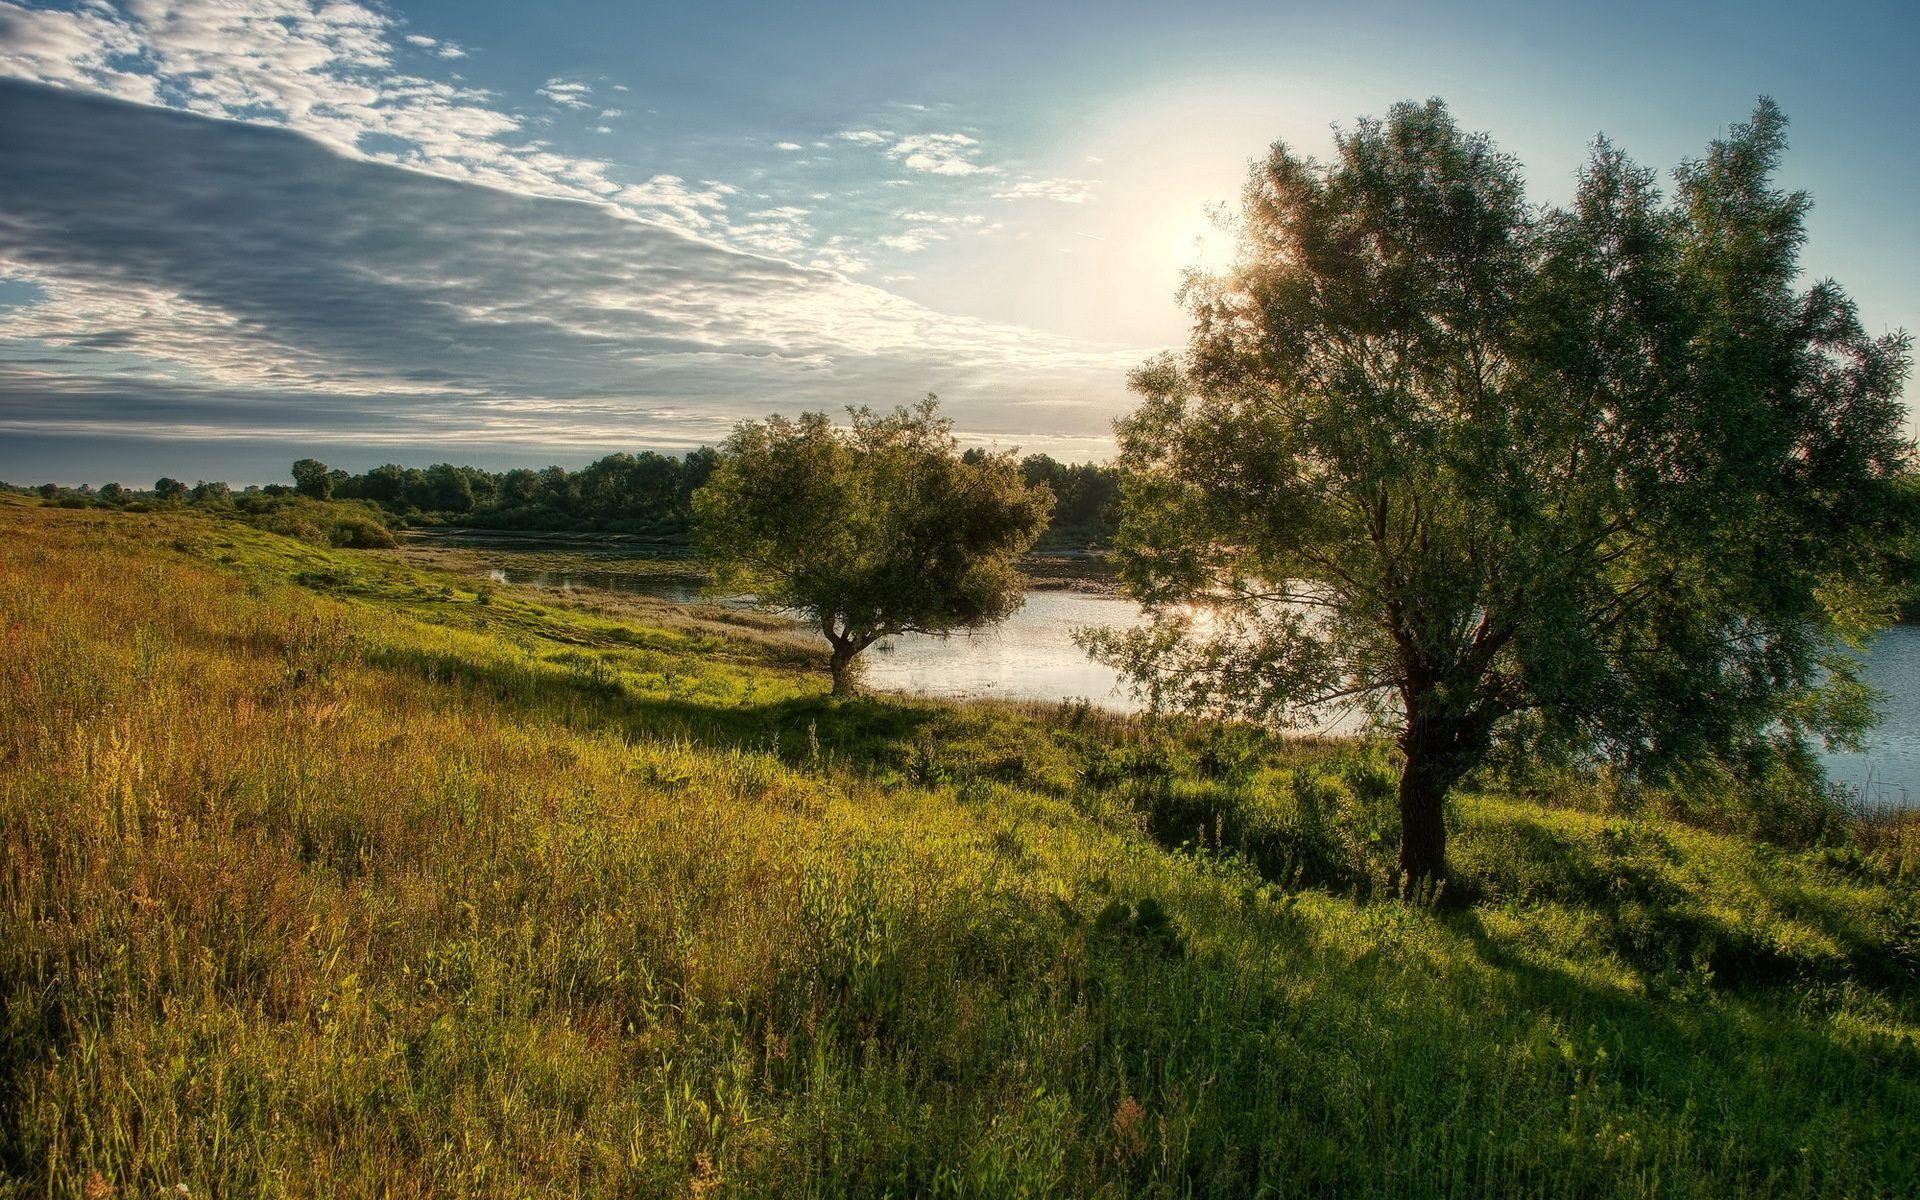 114639 скачать обои Природа, Деревья, Небо, Солнце, Облака, Озеро, Берег, Свет, Тени, Поляна, Полдень - заставки и картинки бесплатно